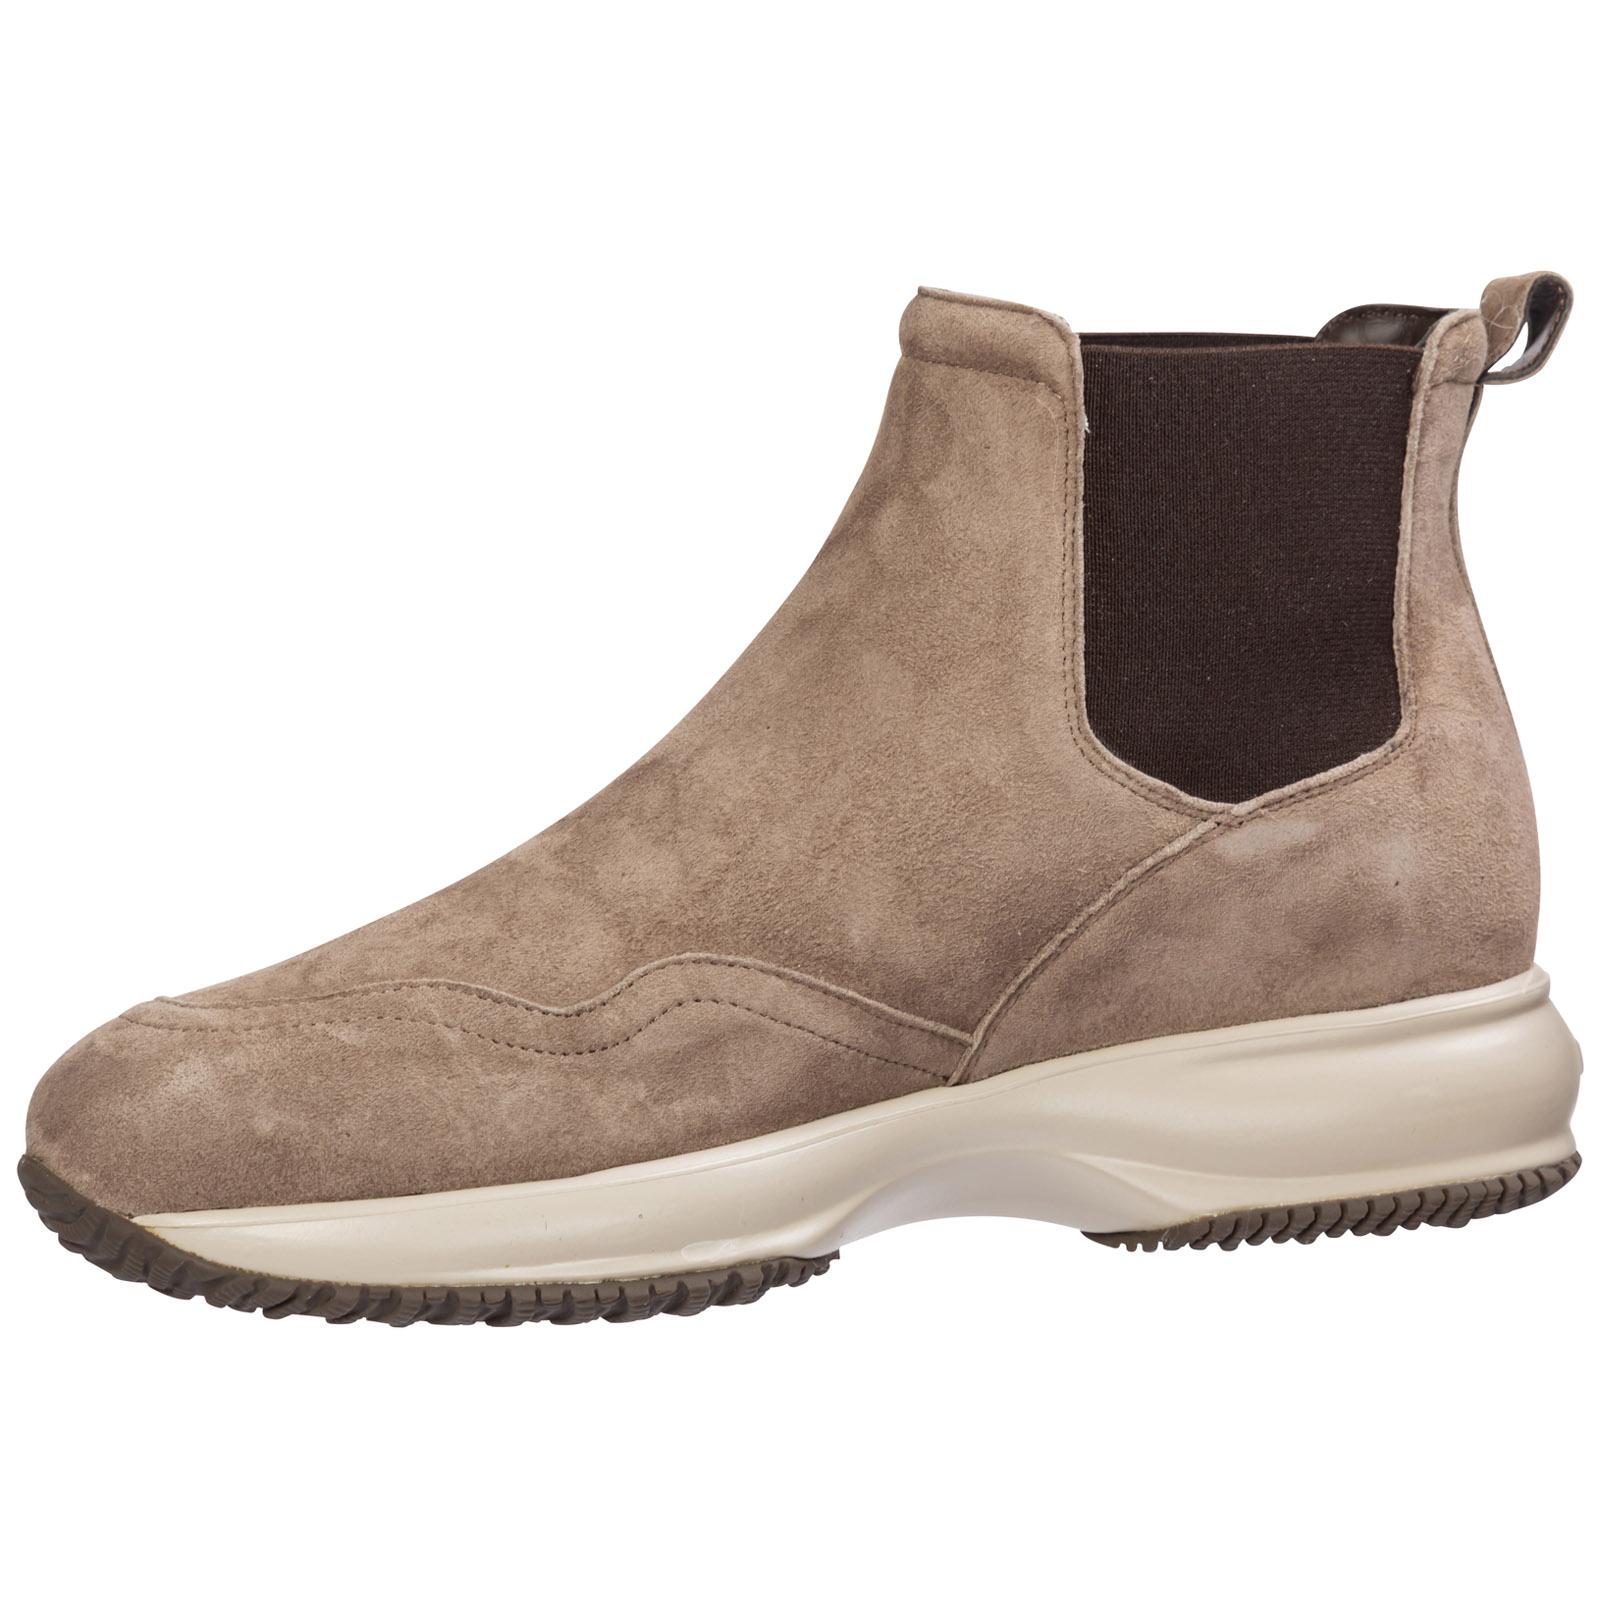 Damen Wildleder Stiefeletten Stiefel Ankle Boots Interactive In Brown